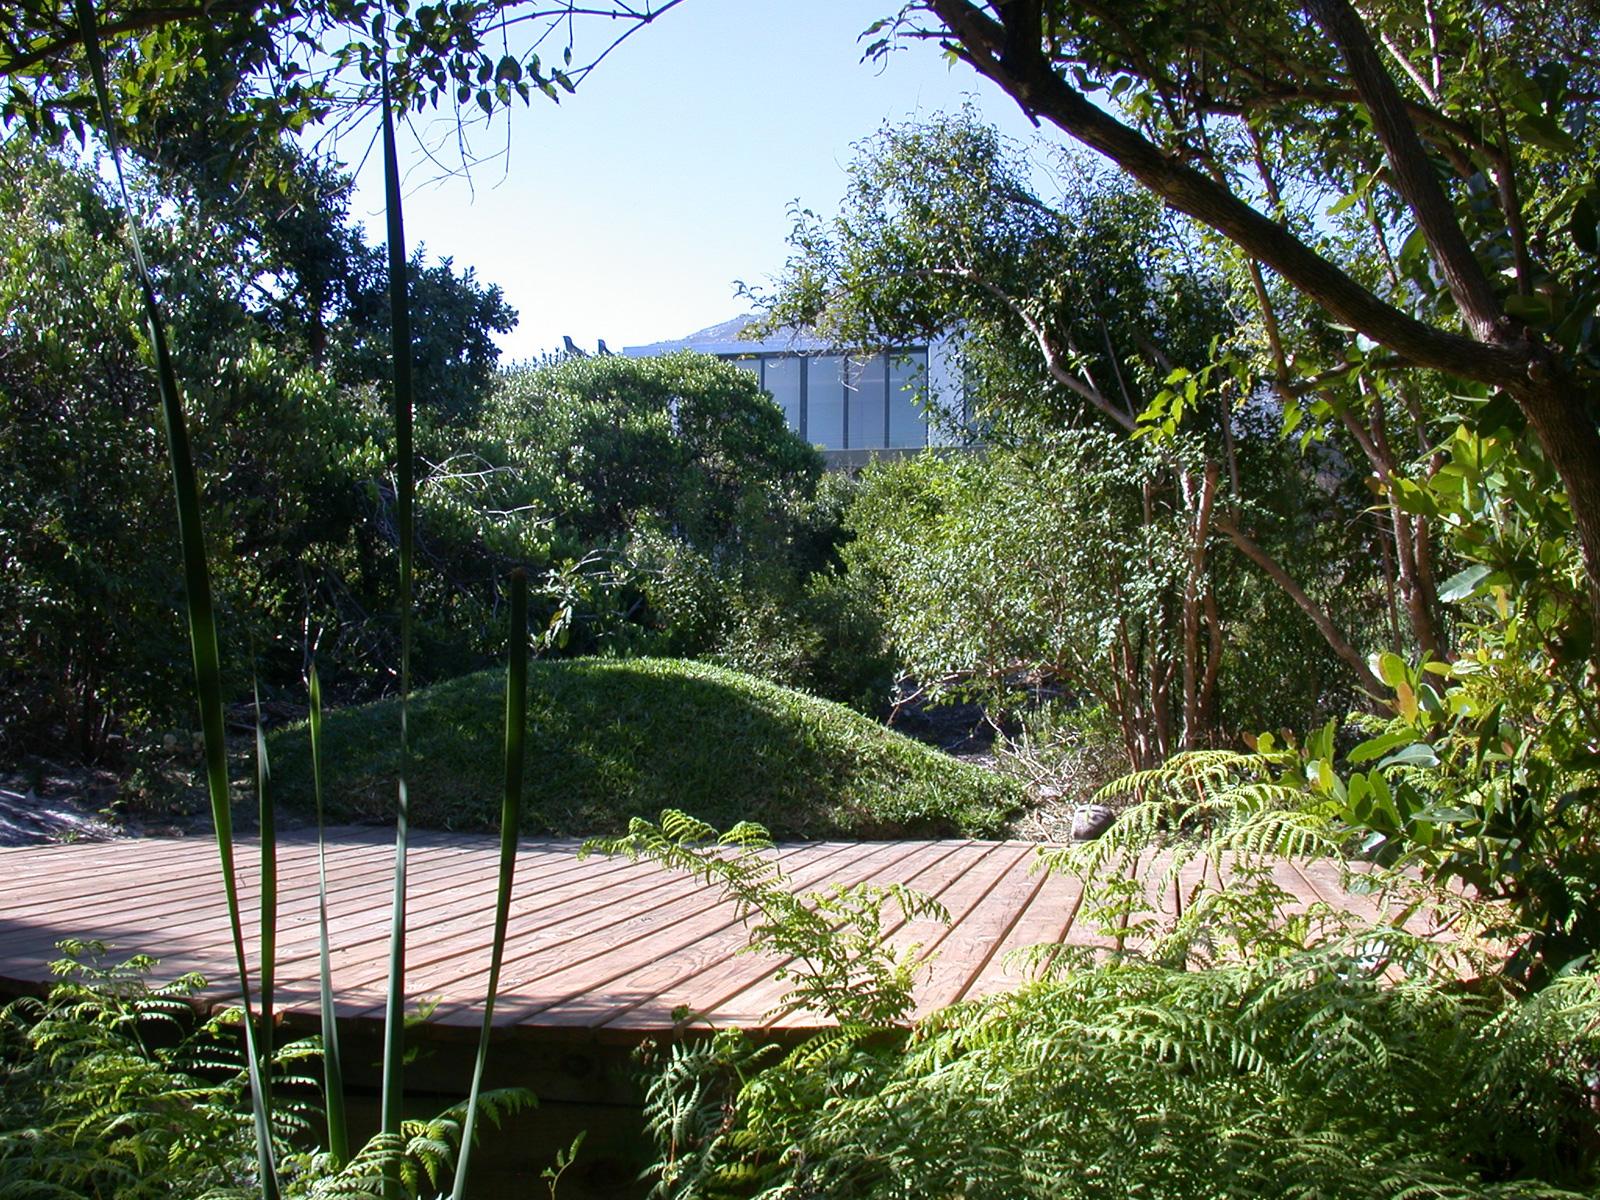 _1000x-Landscape-Architecture_